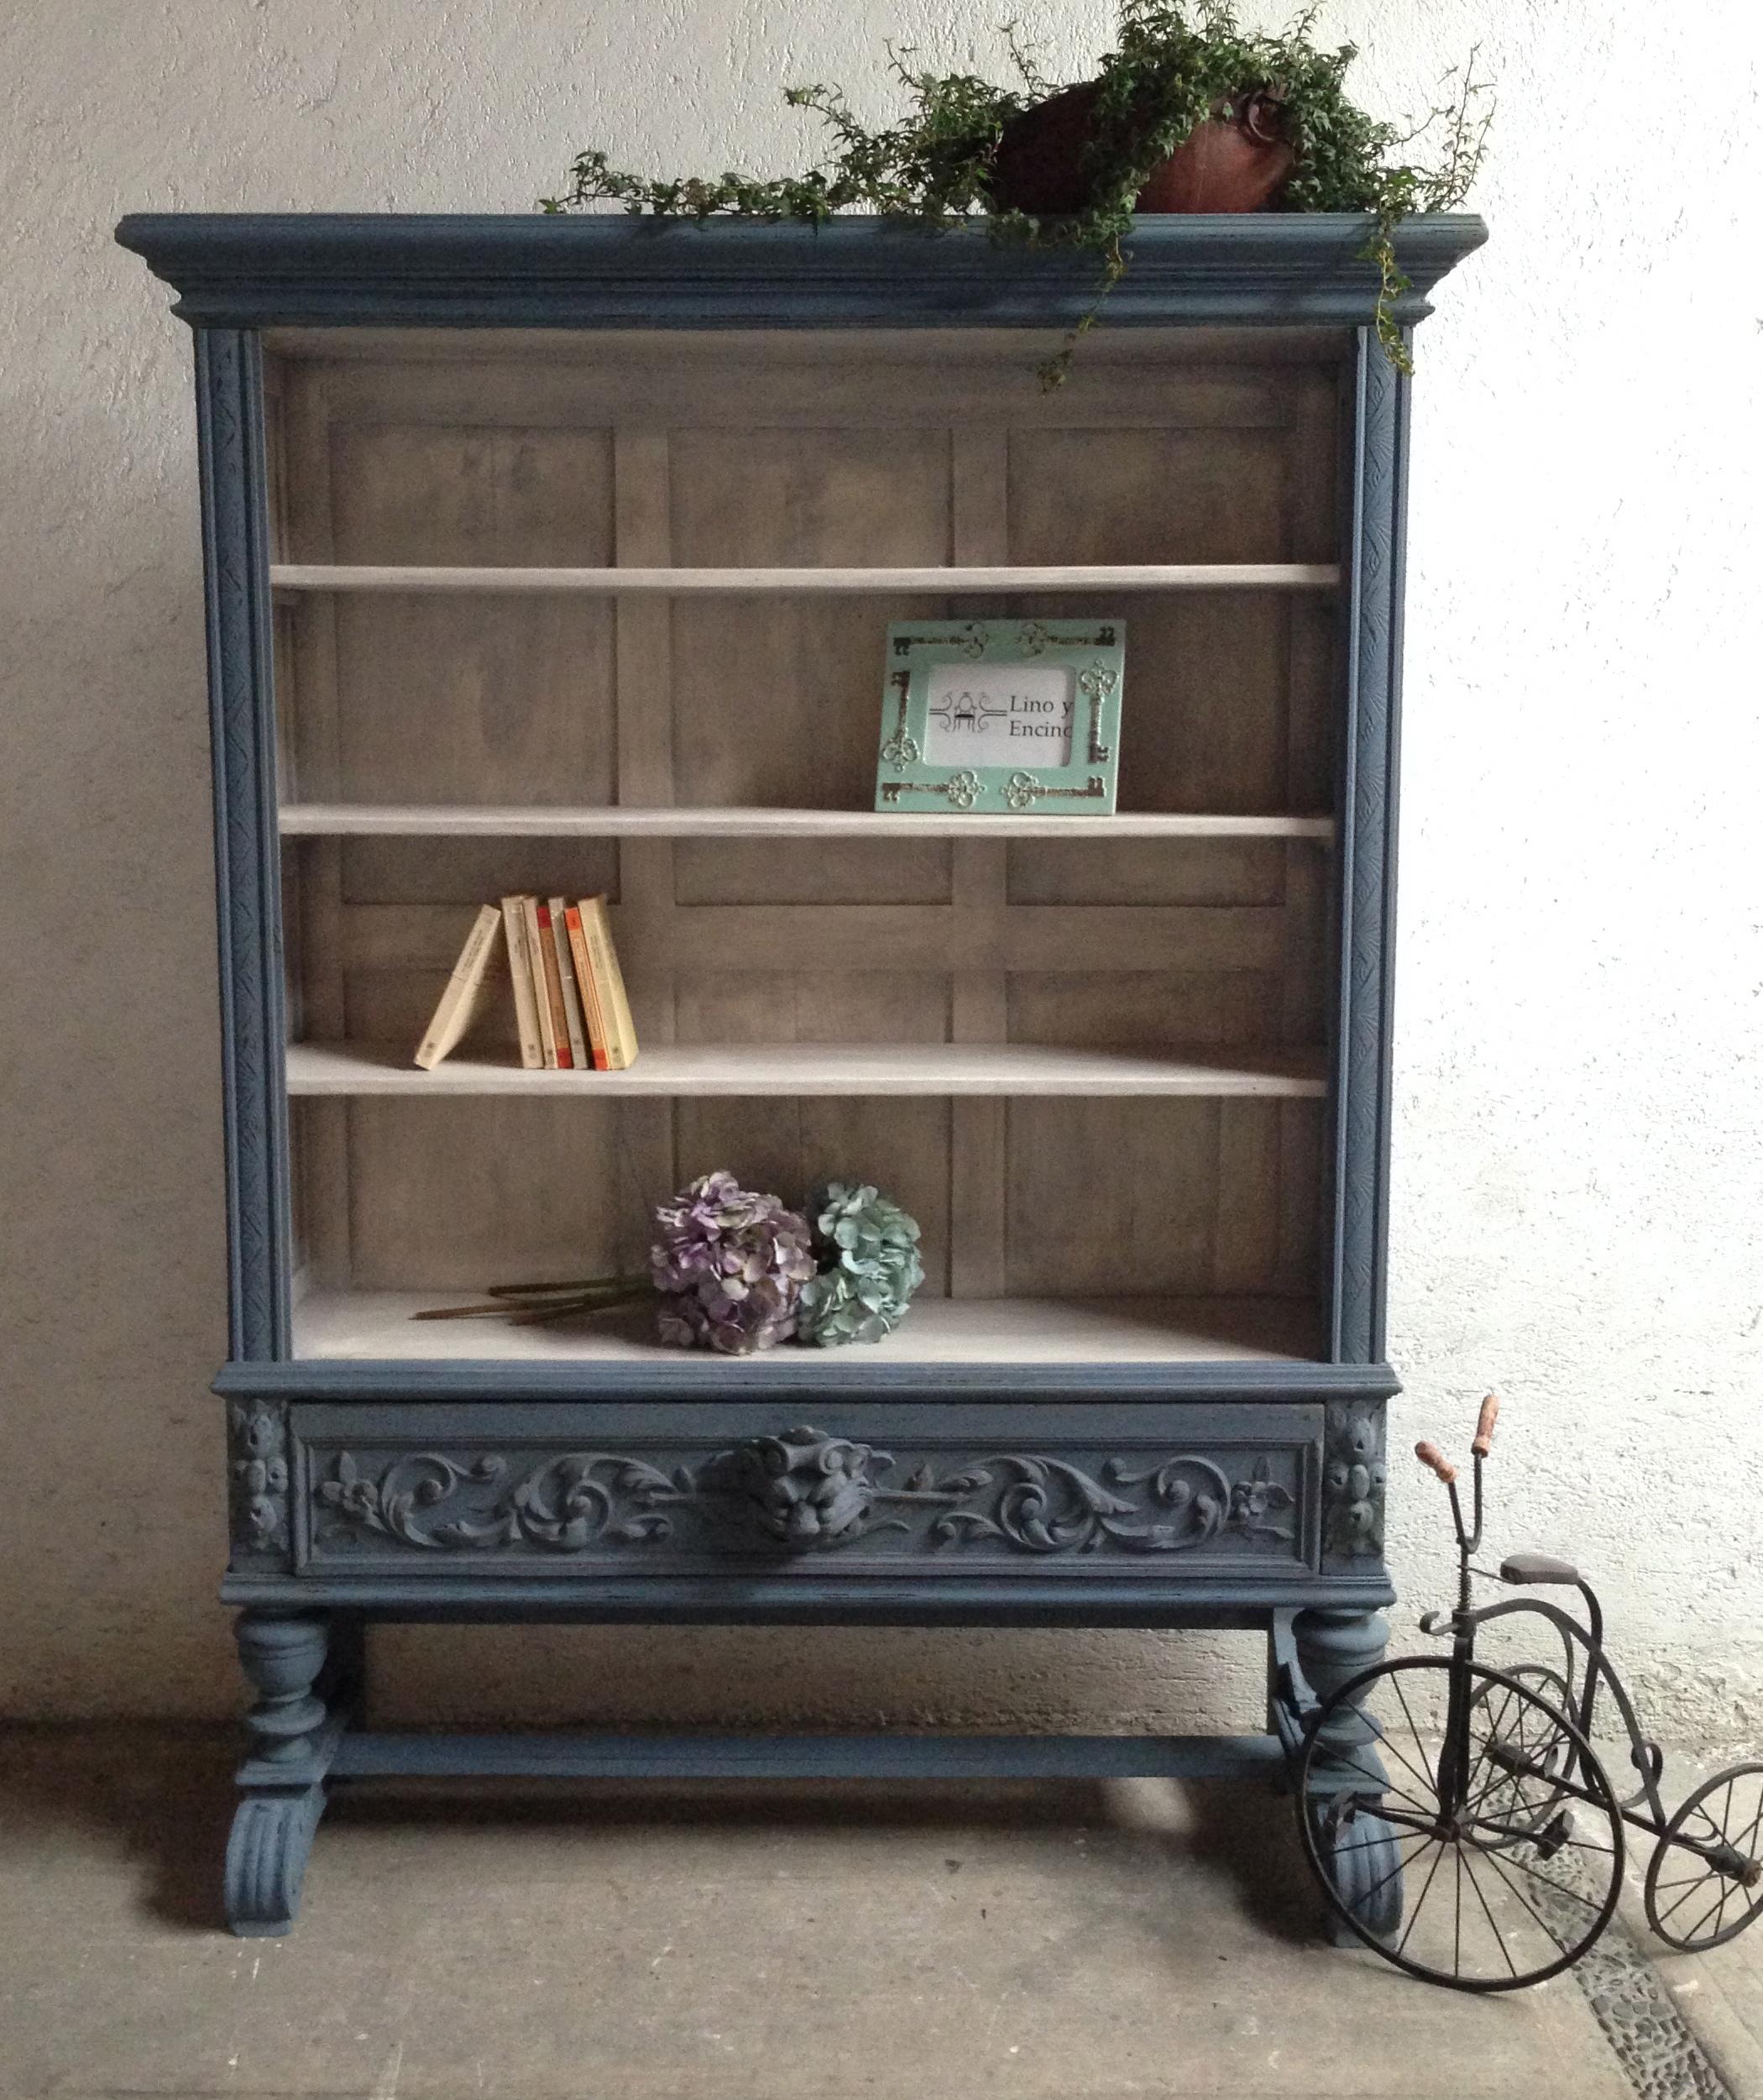 El taller de lino y encino muebles vintage y shabby chic for Muebles vintage mexico